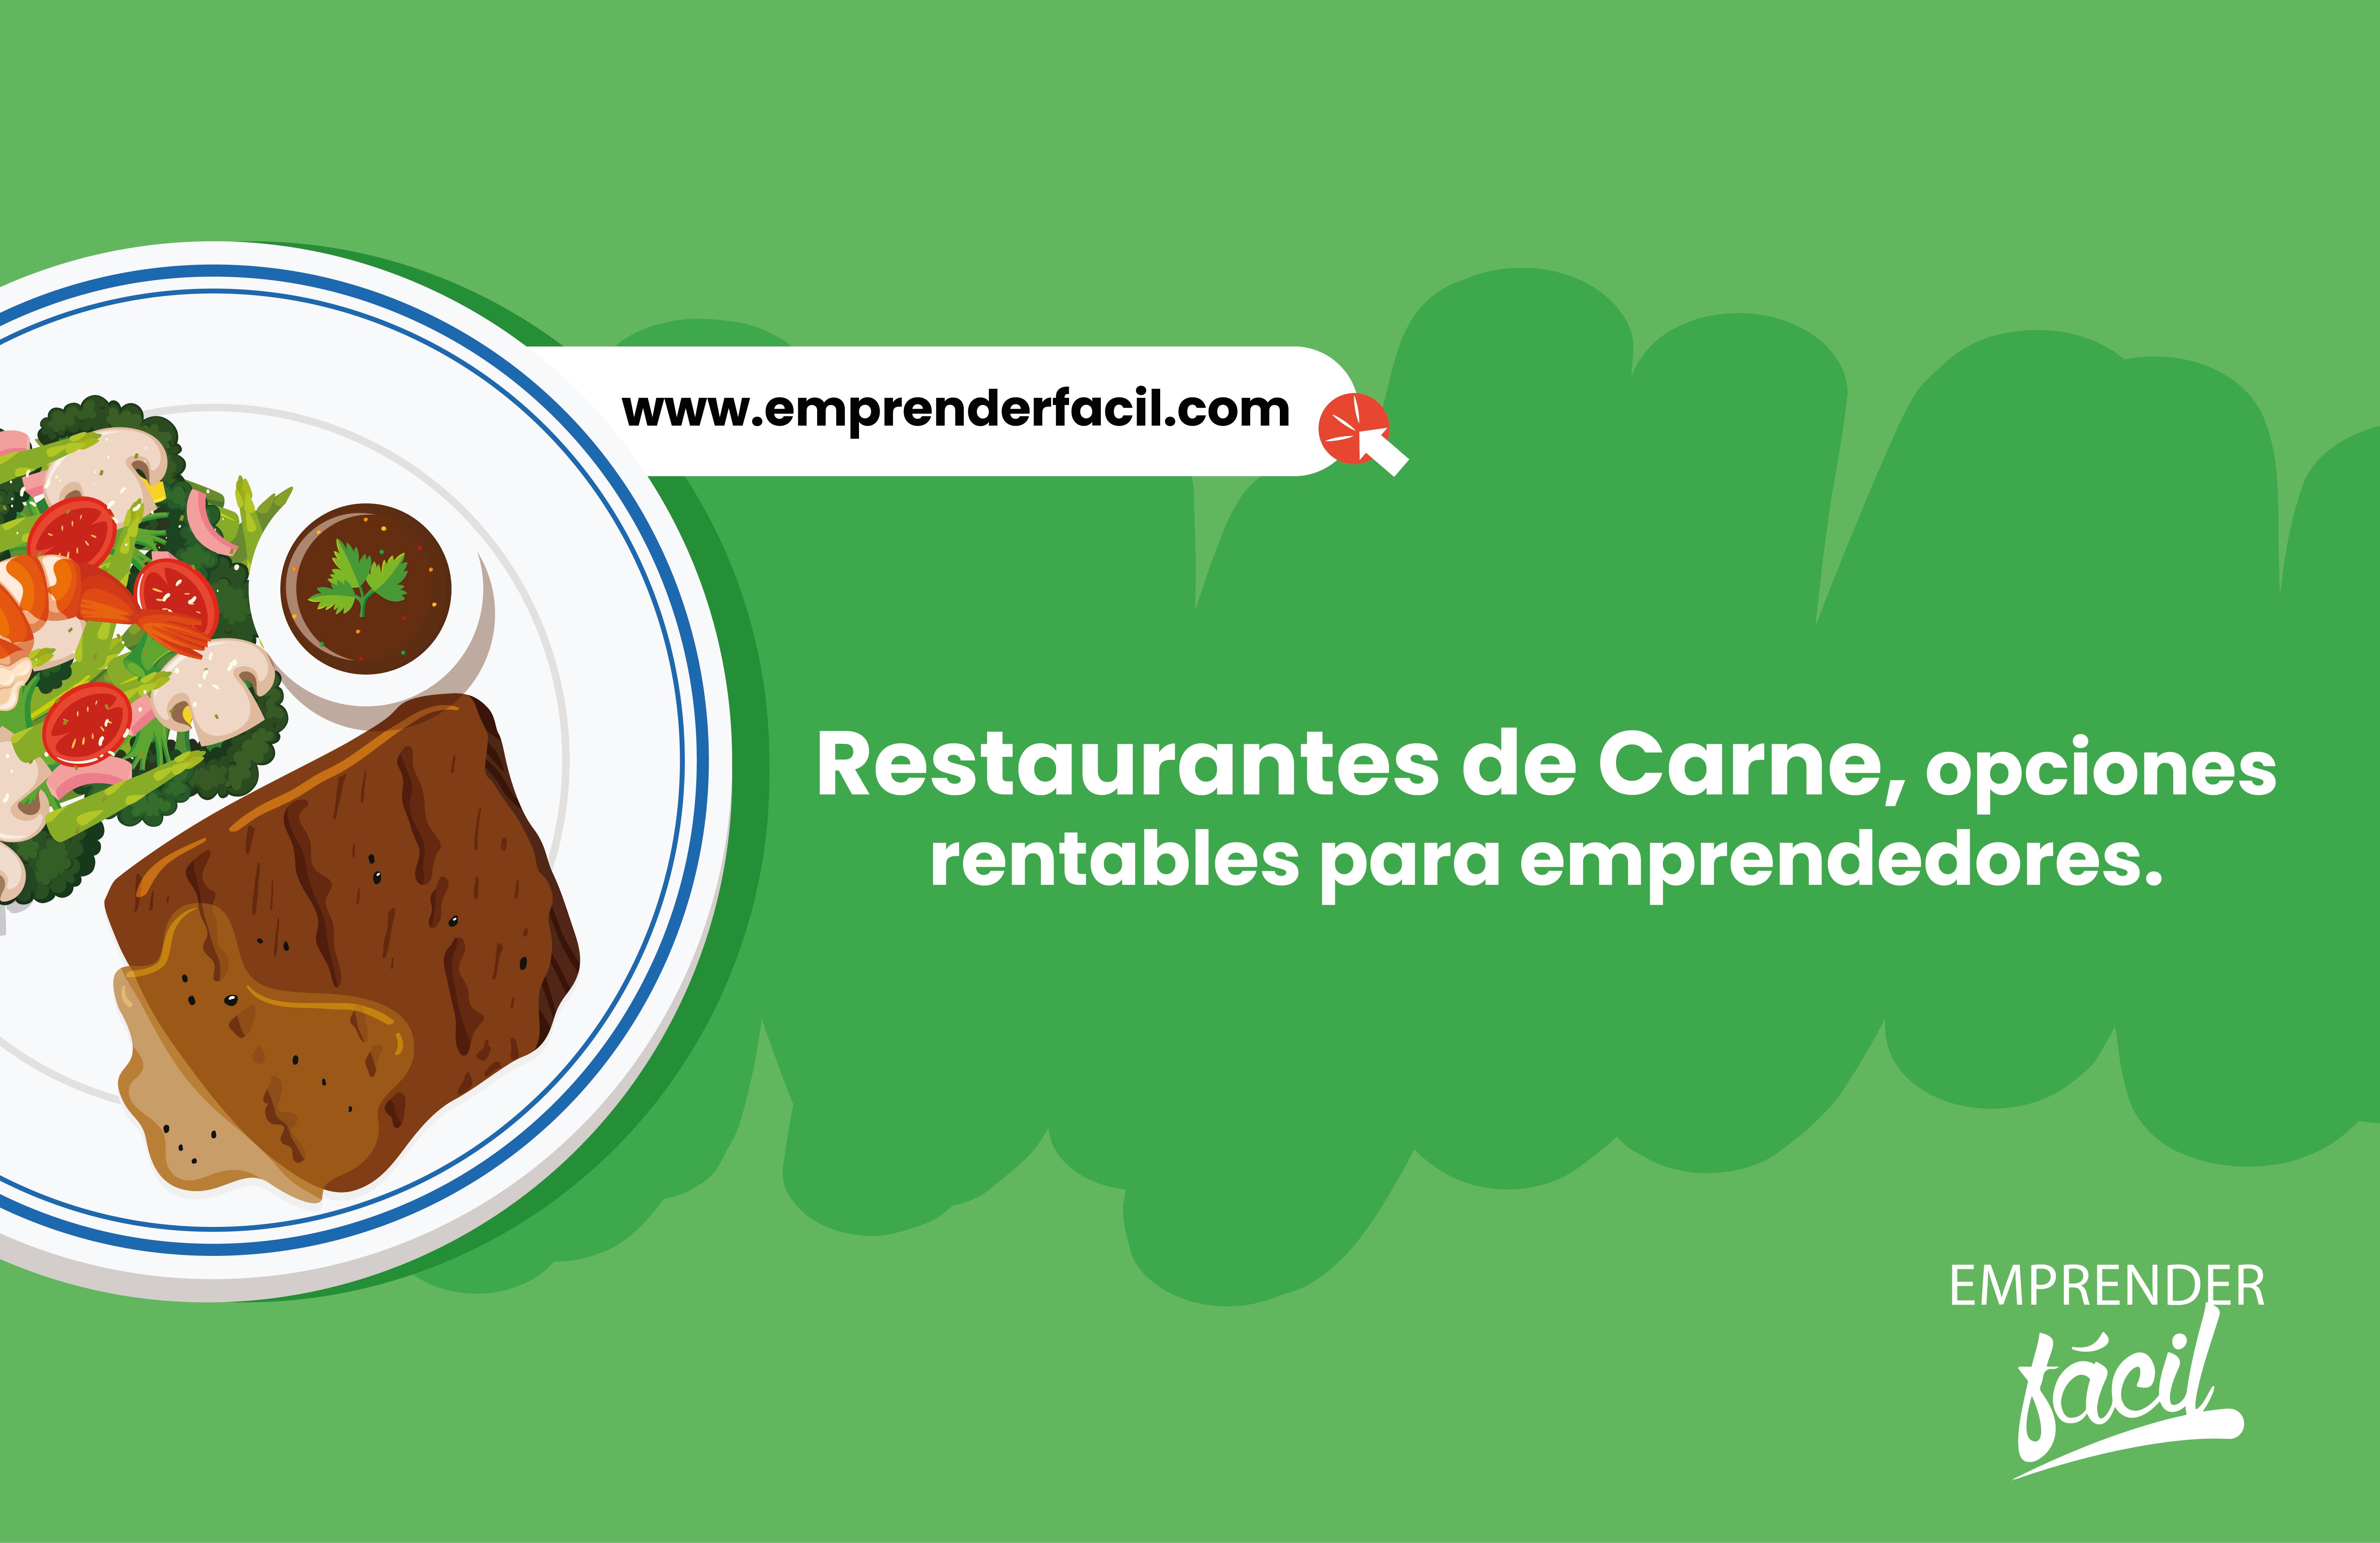 Restaurantes de Carne, opciones rentables para emprendedores.